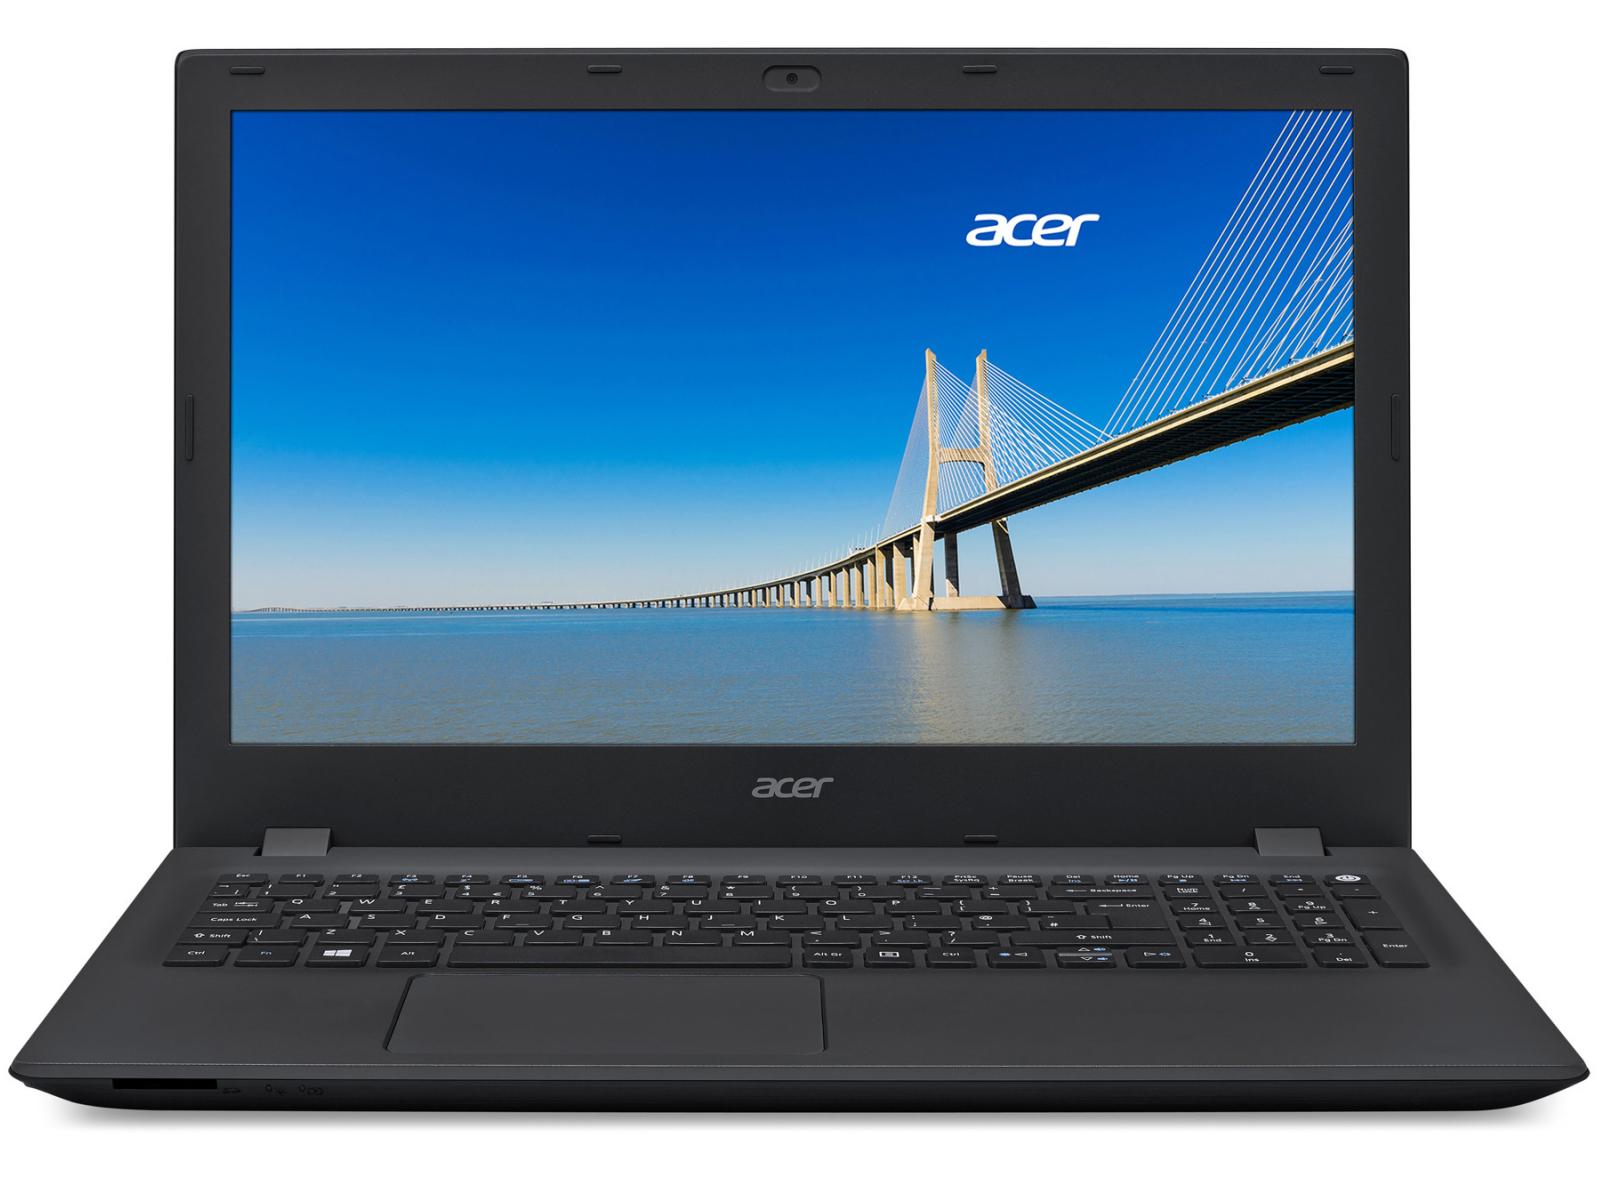 Test Acer Extensa 2520-59CD Notebook